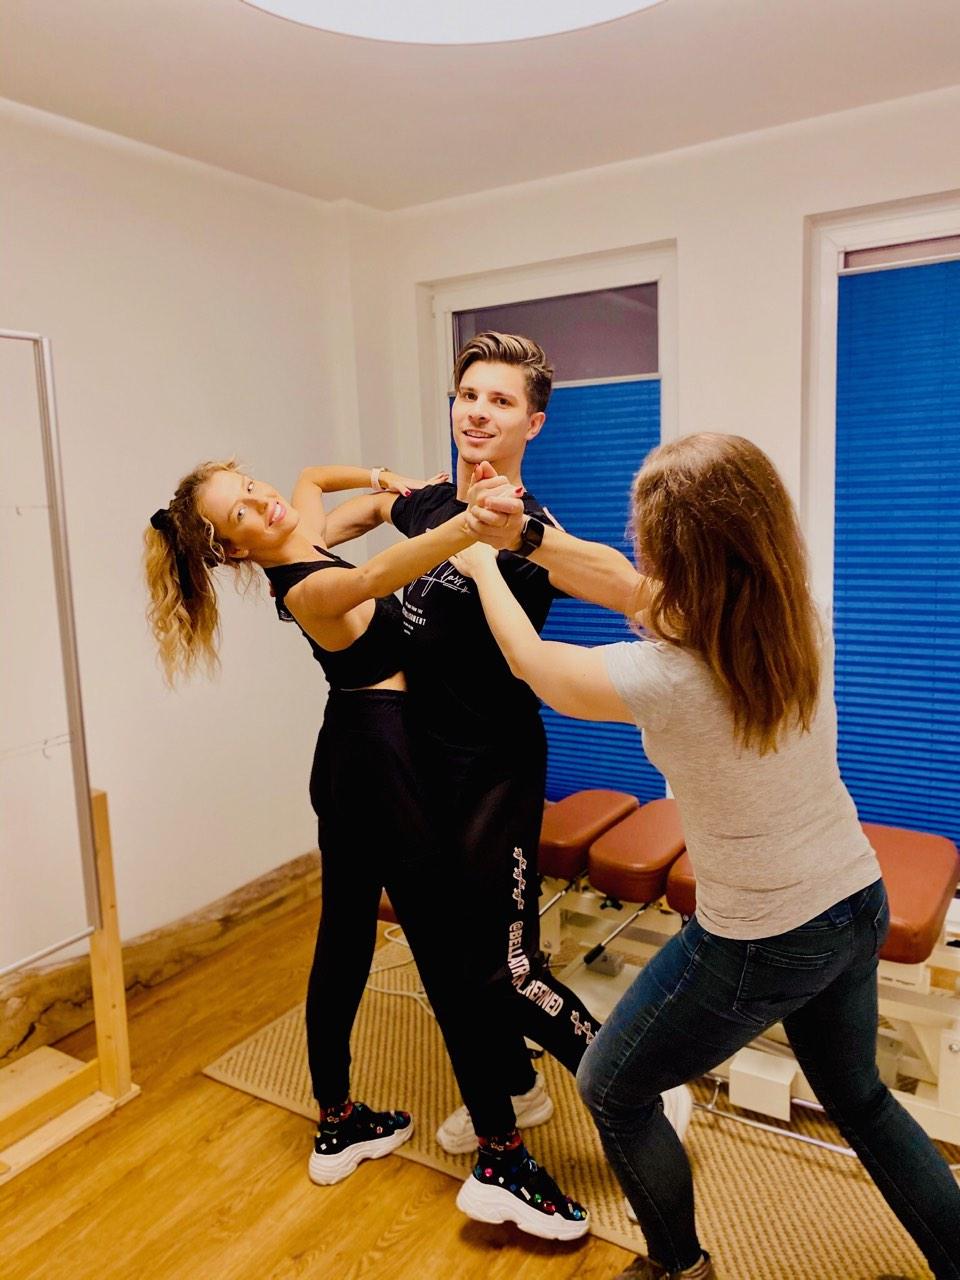 Chiropraktik im Leistungssport - Tanz und Haltung